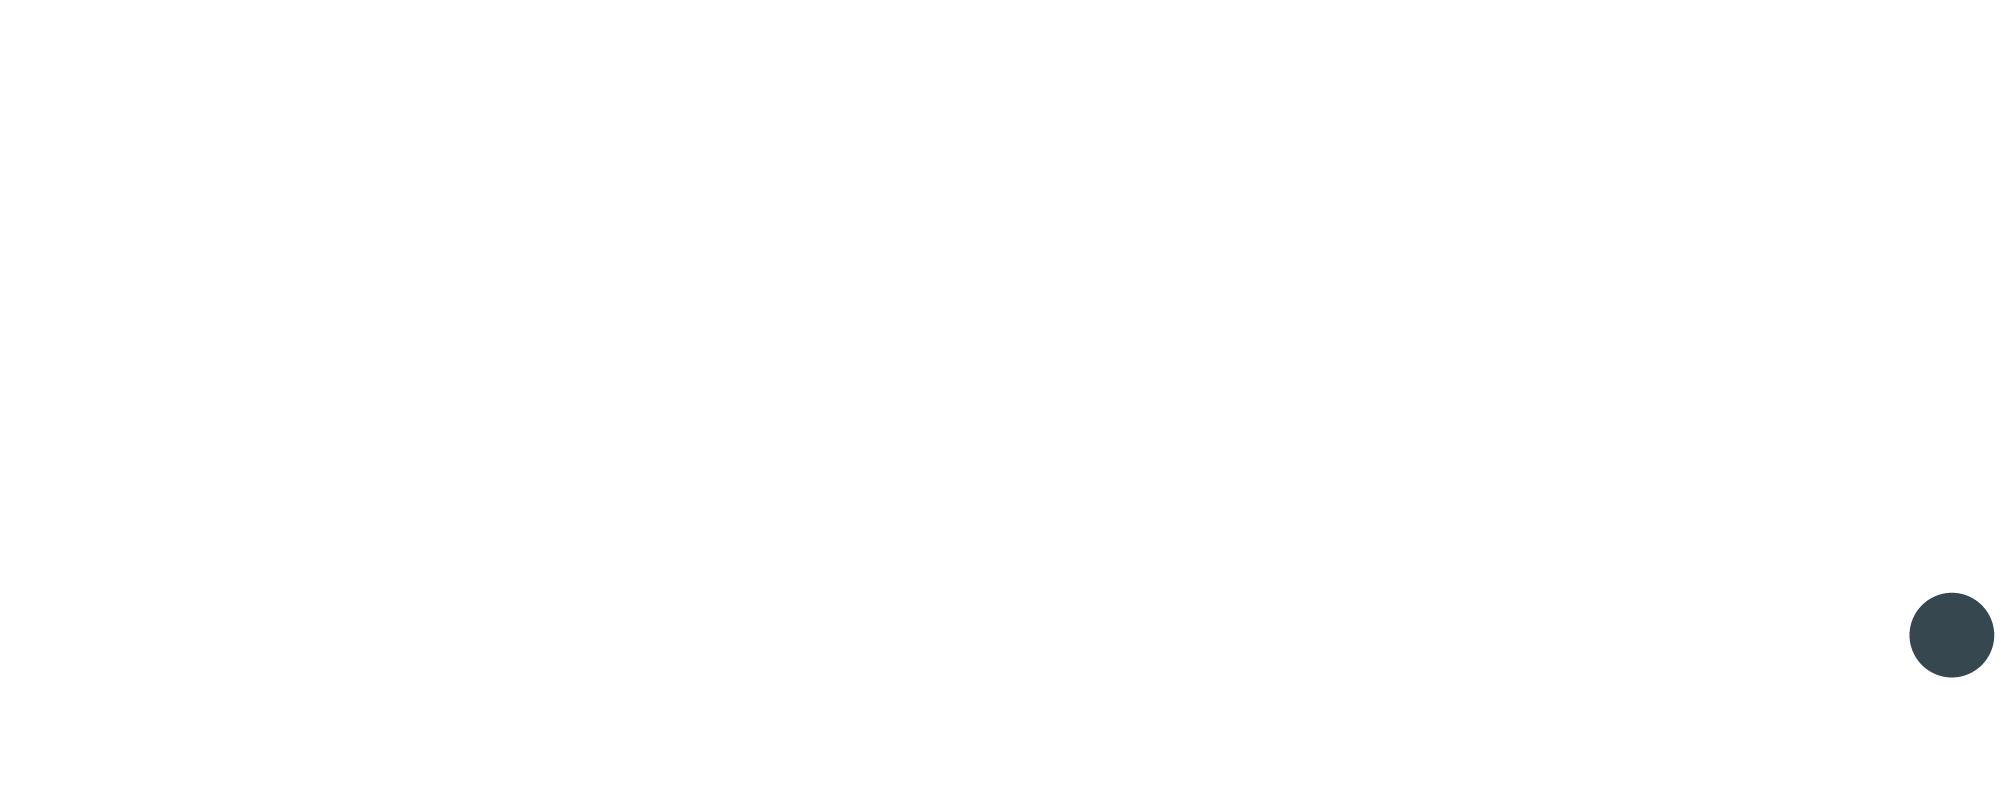 Shorty logo light